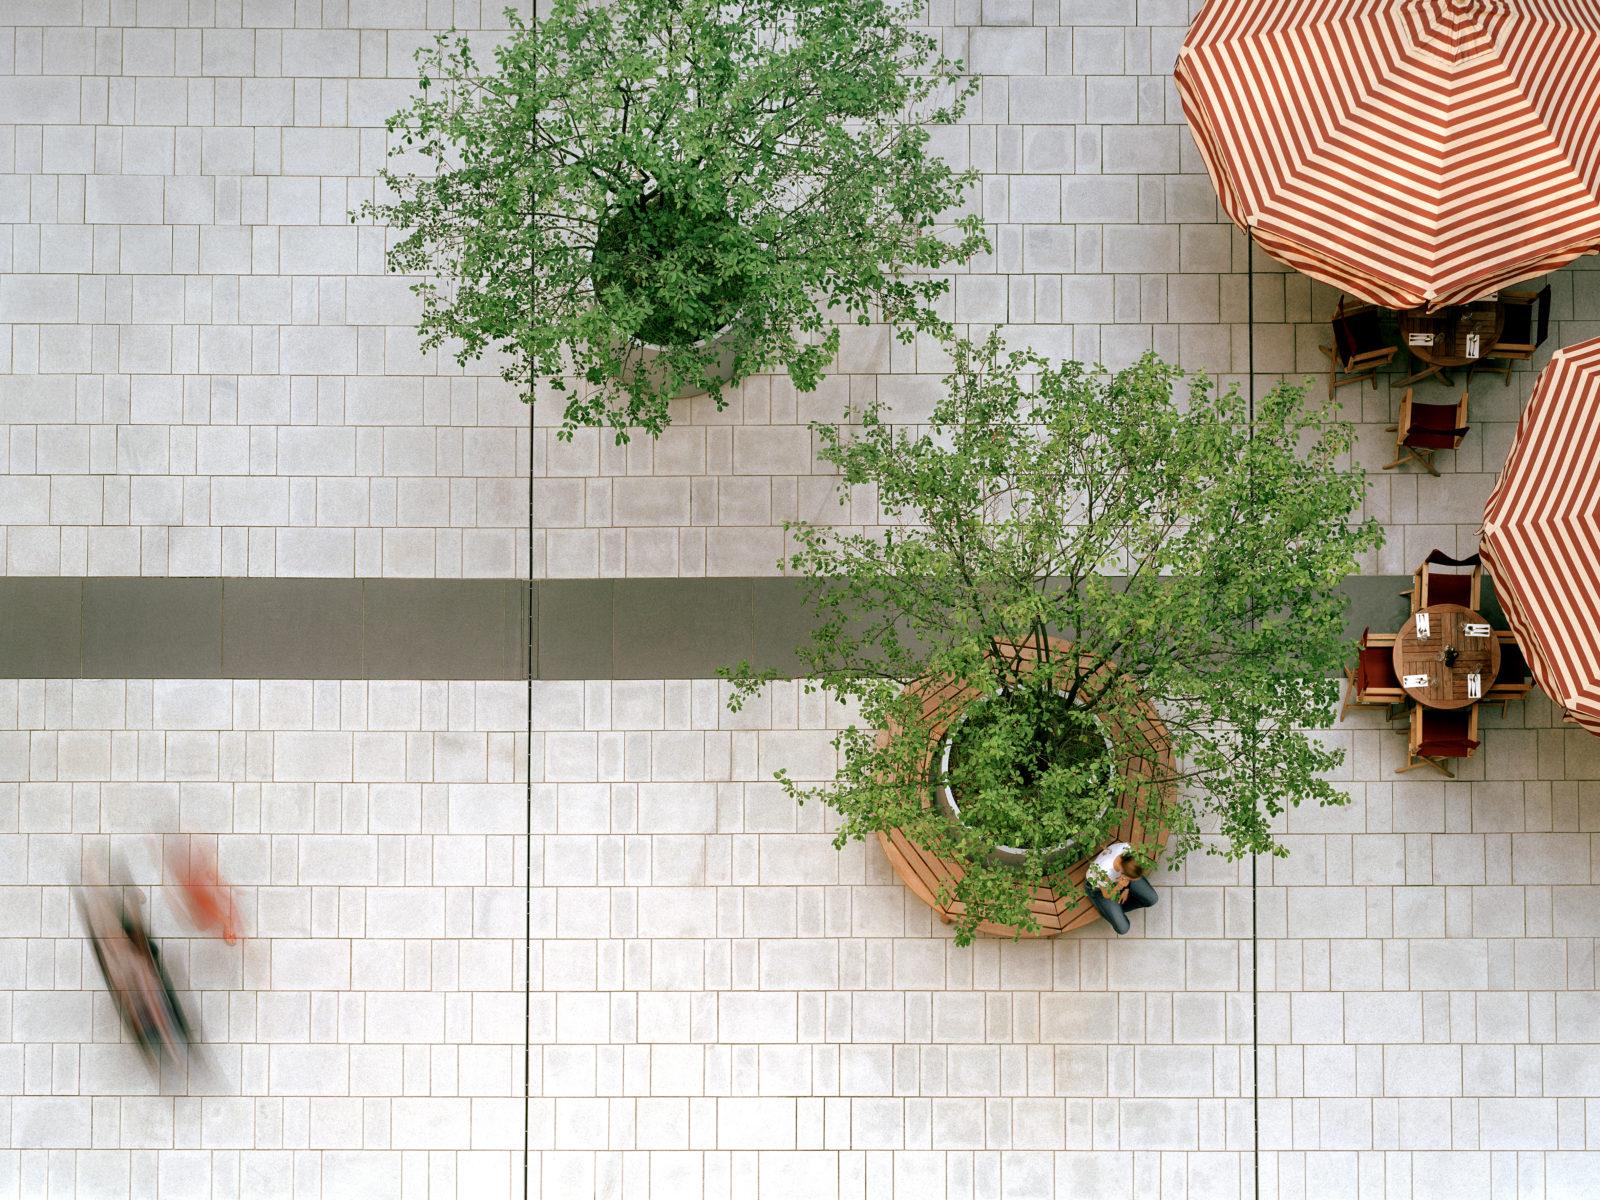 STrauma Landschaftsarchitektur Berlin landscape architects Marstallplatz München Schirme und Menschen